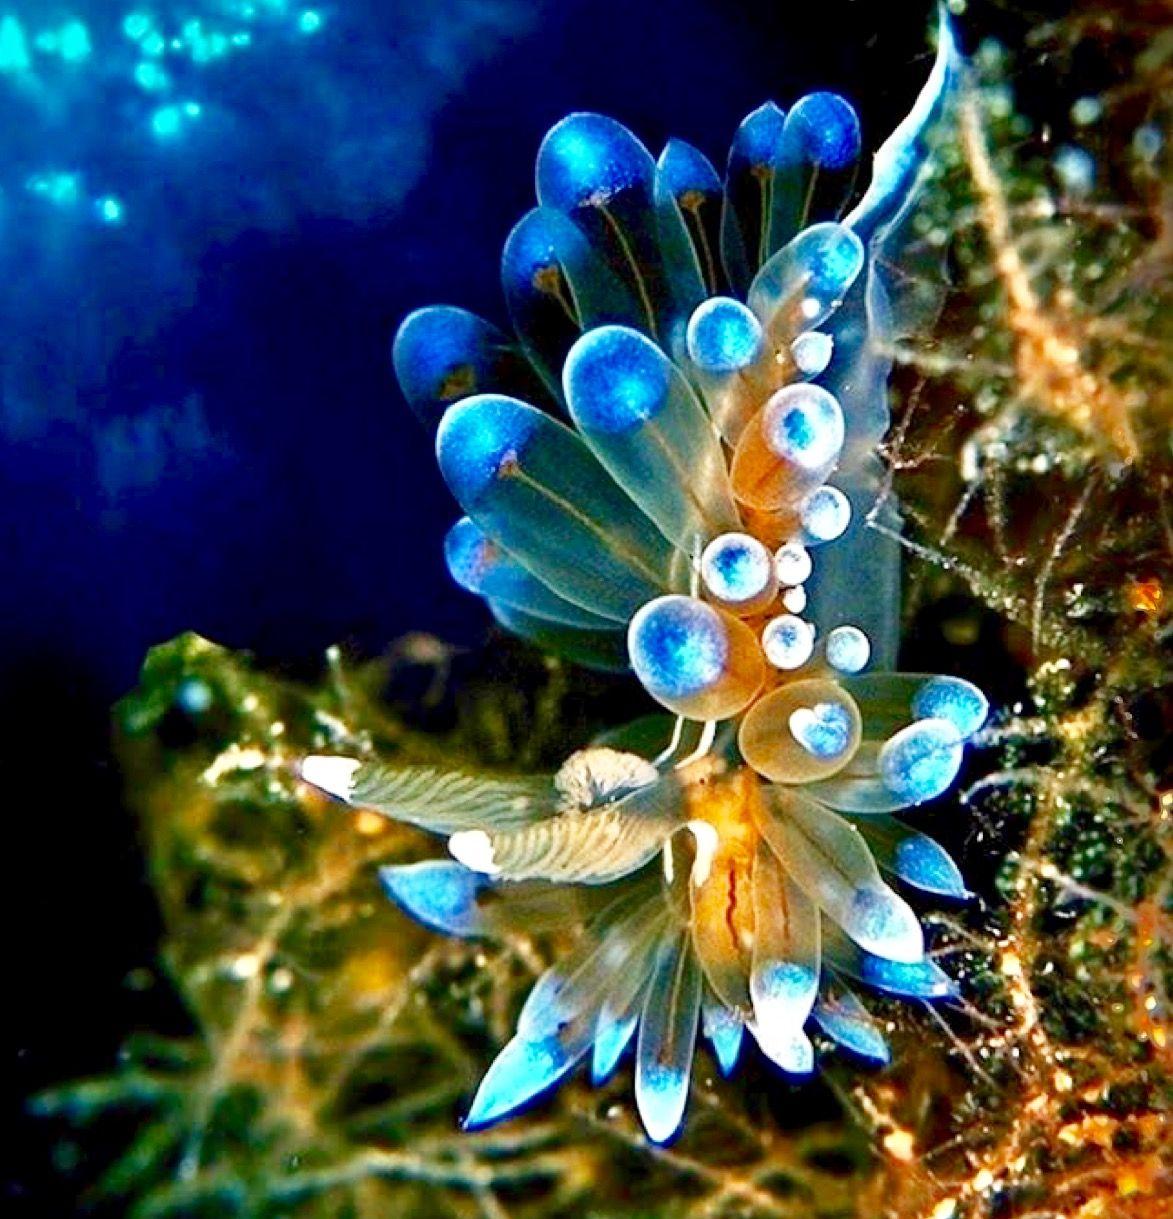 Pin de marjan hofman en Beautyful nature | Pinterest | Bajo el mar ...